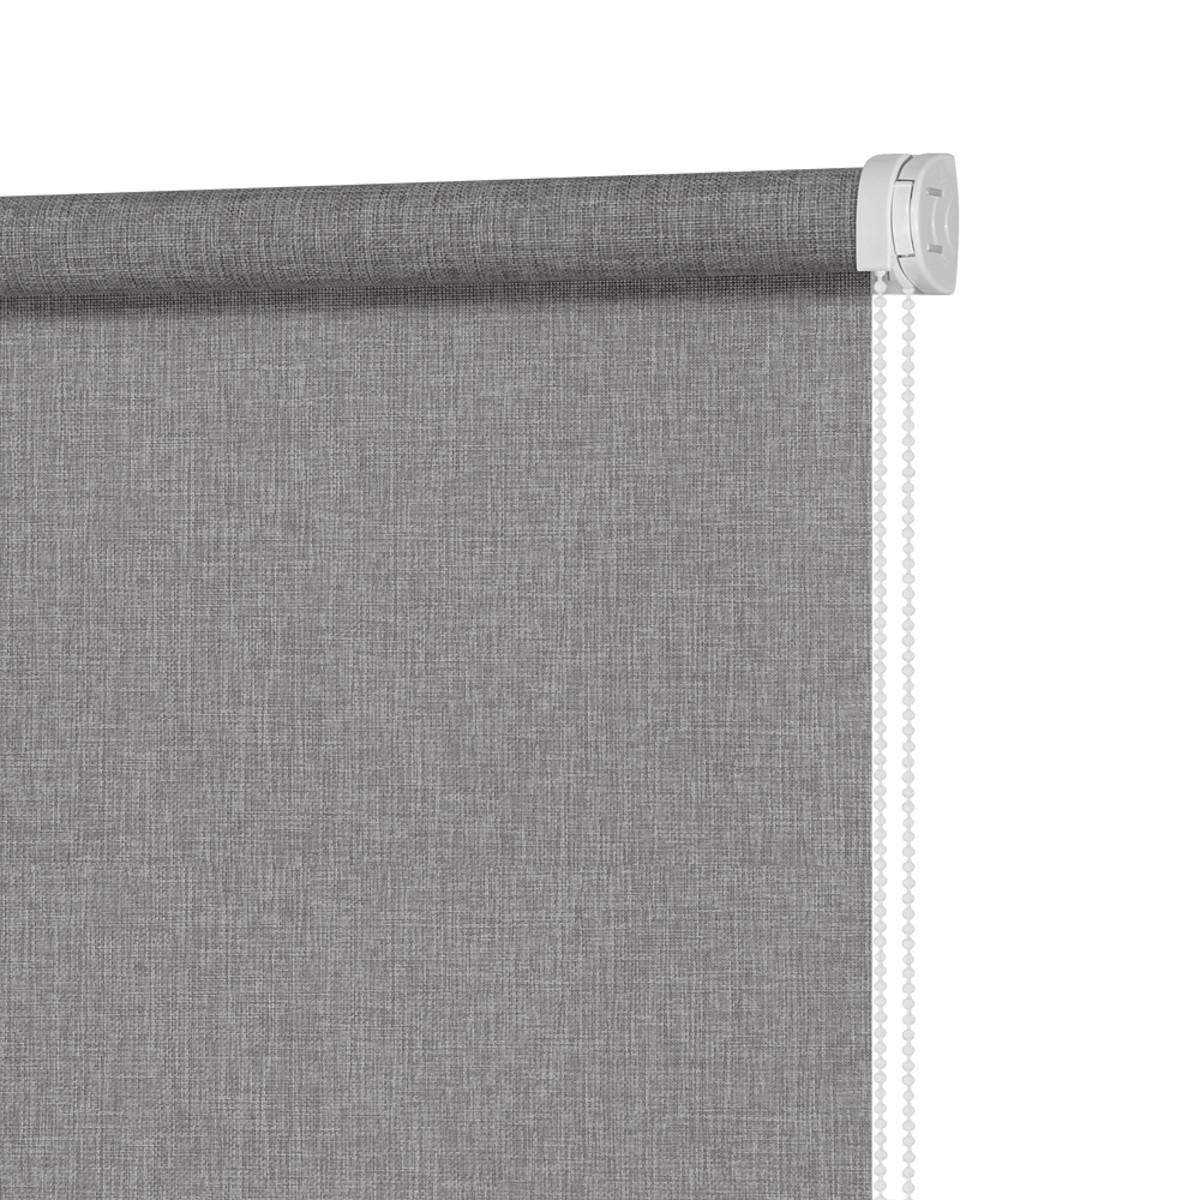 Рулонная Ора Decofest Фелиса 120Х160 Цвет Серый